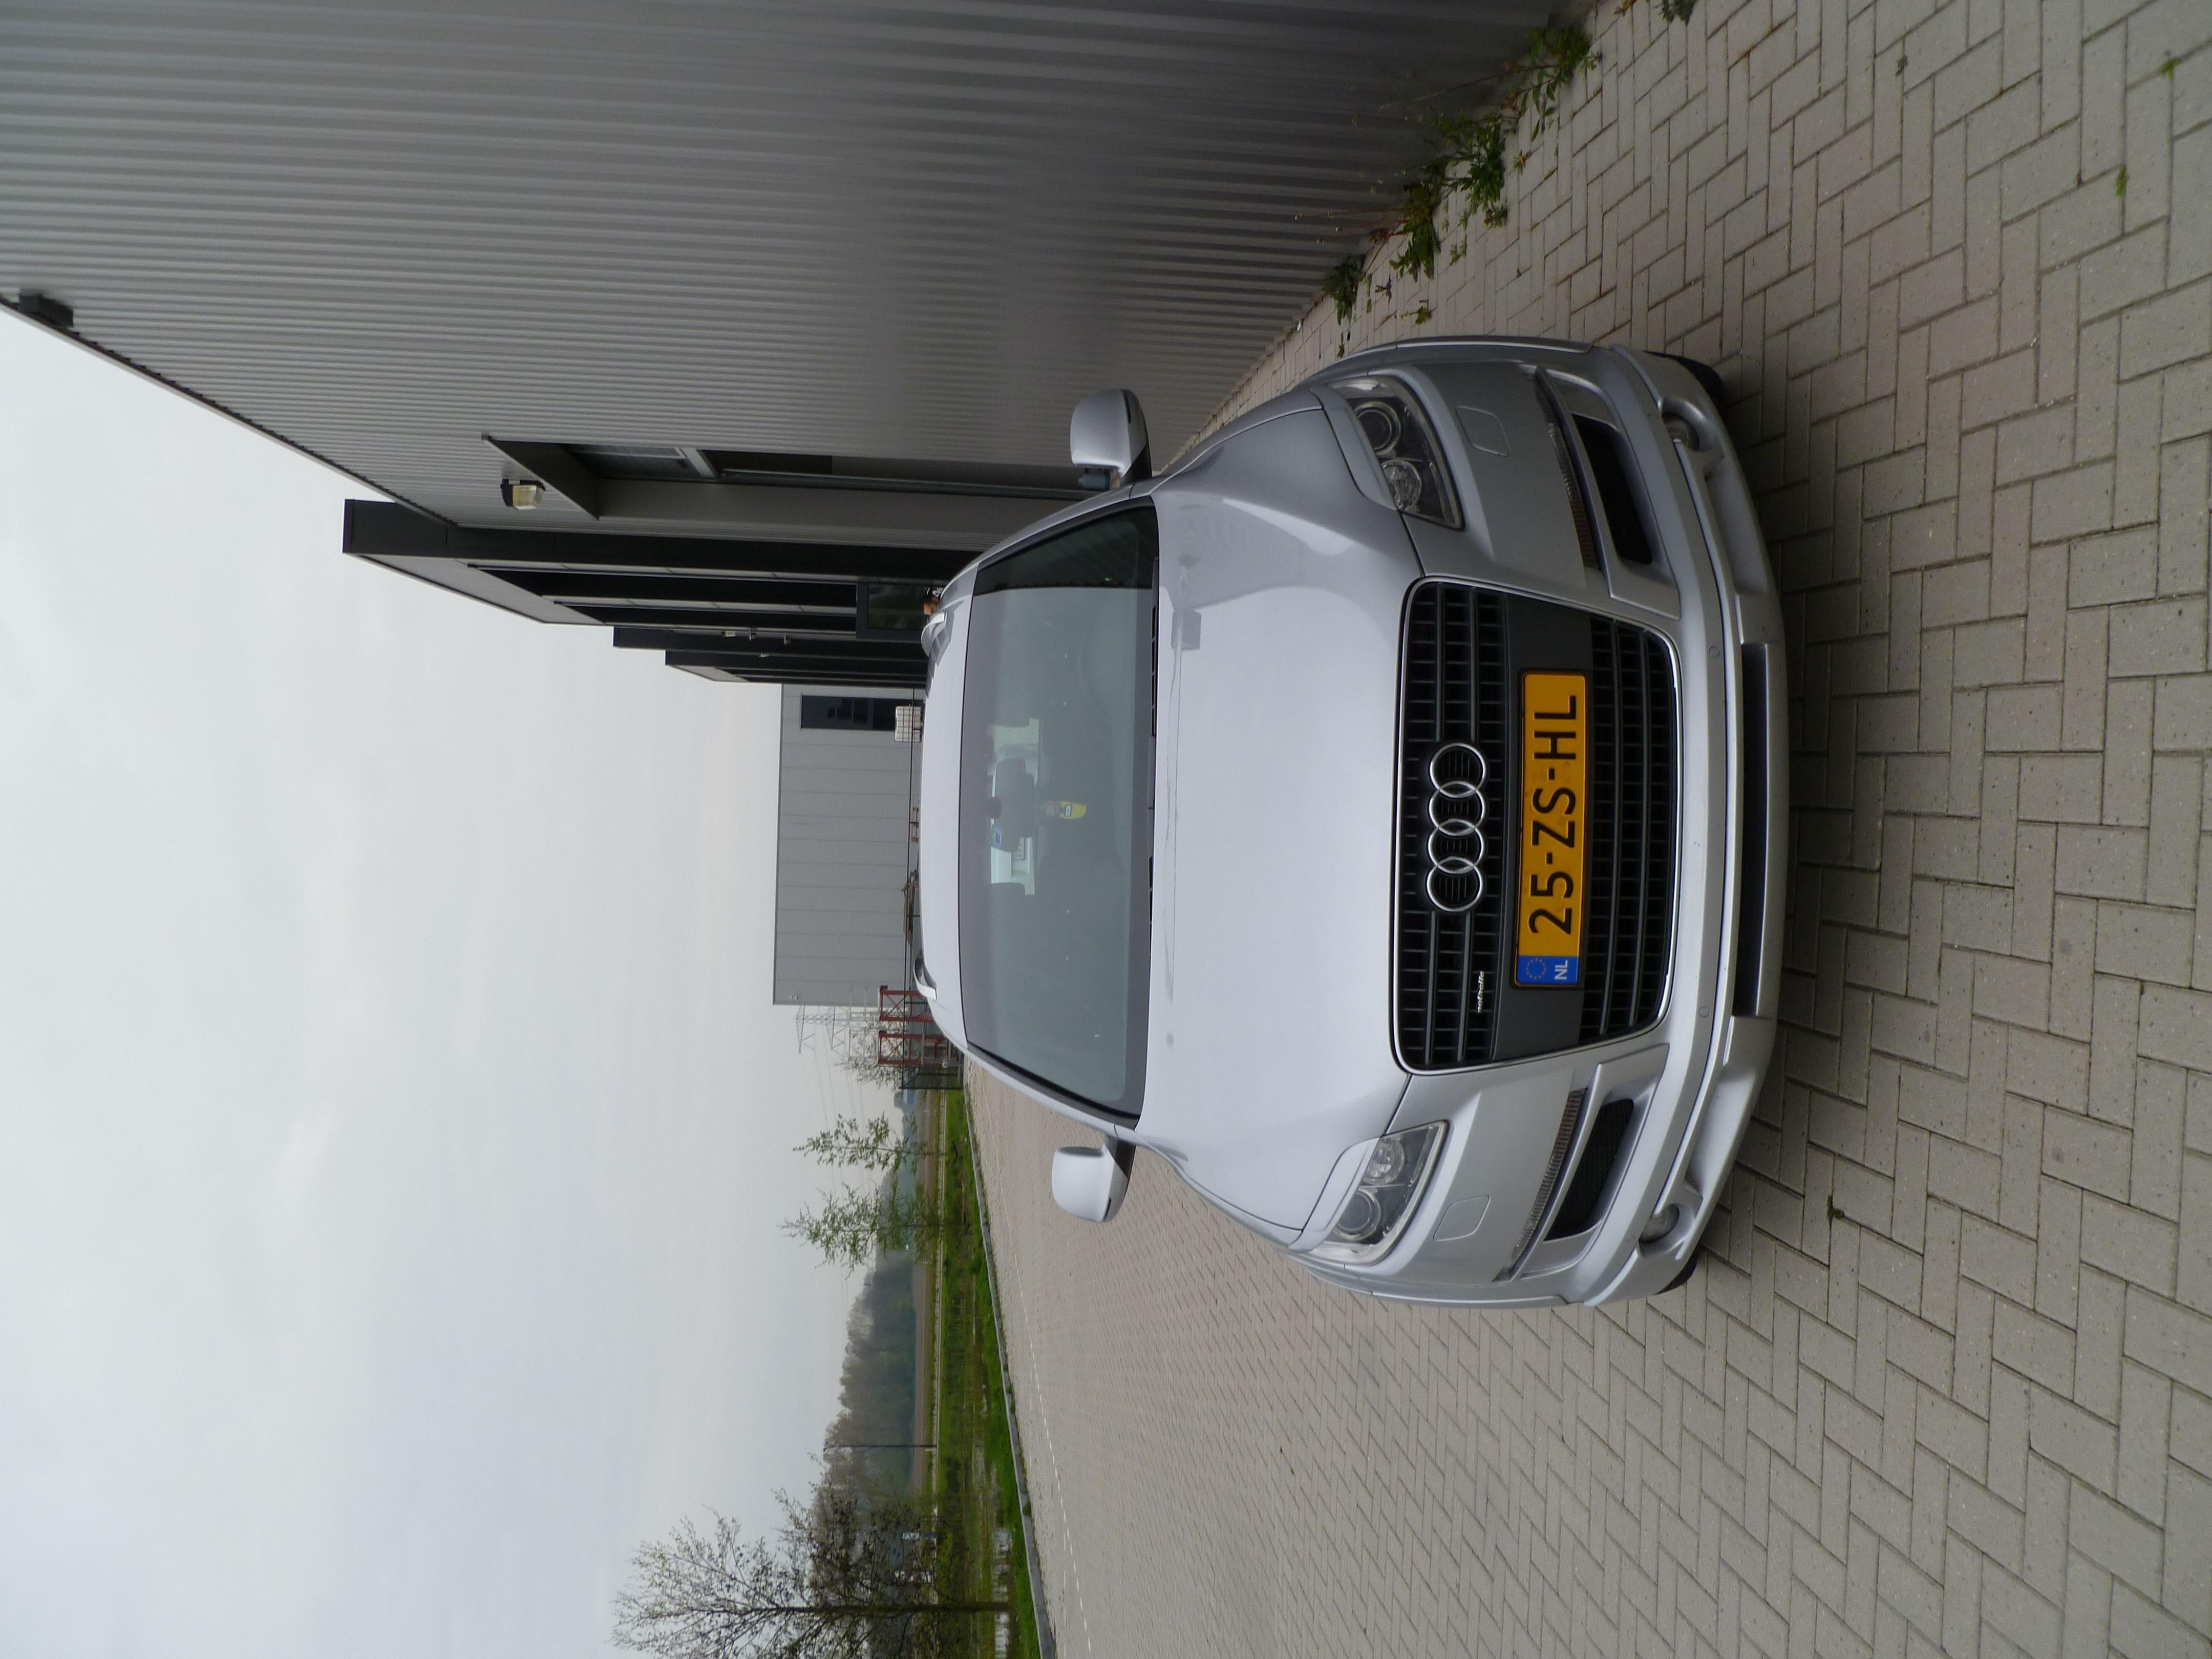 Audi Q7 met Mat Witte Wrap, Carwrapping door Wrapmyride.nu Foto-nr:4933, ©2021